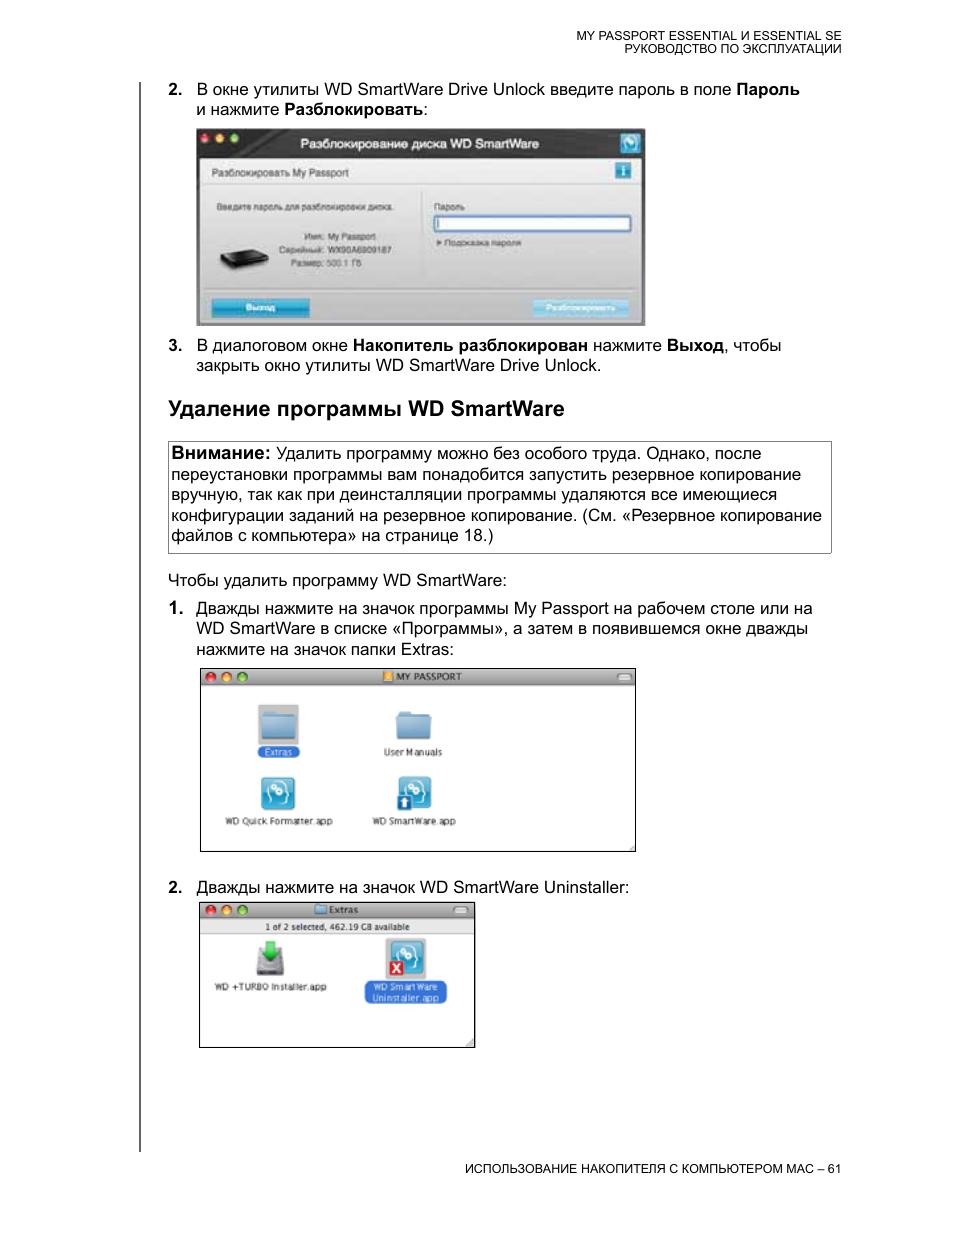 Удаление программы wd smartware | Инструкция по эксплуатации